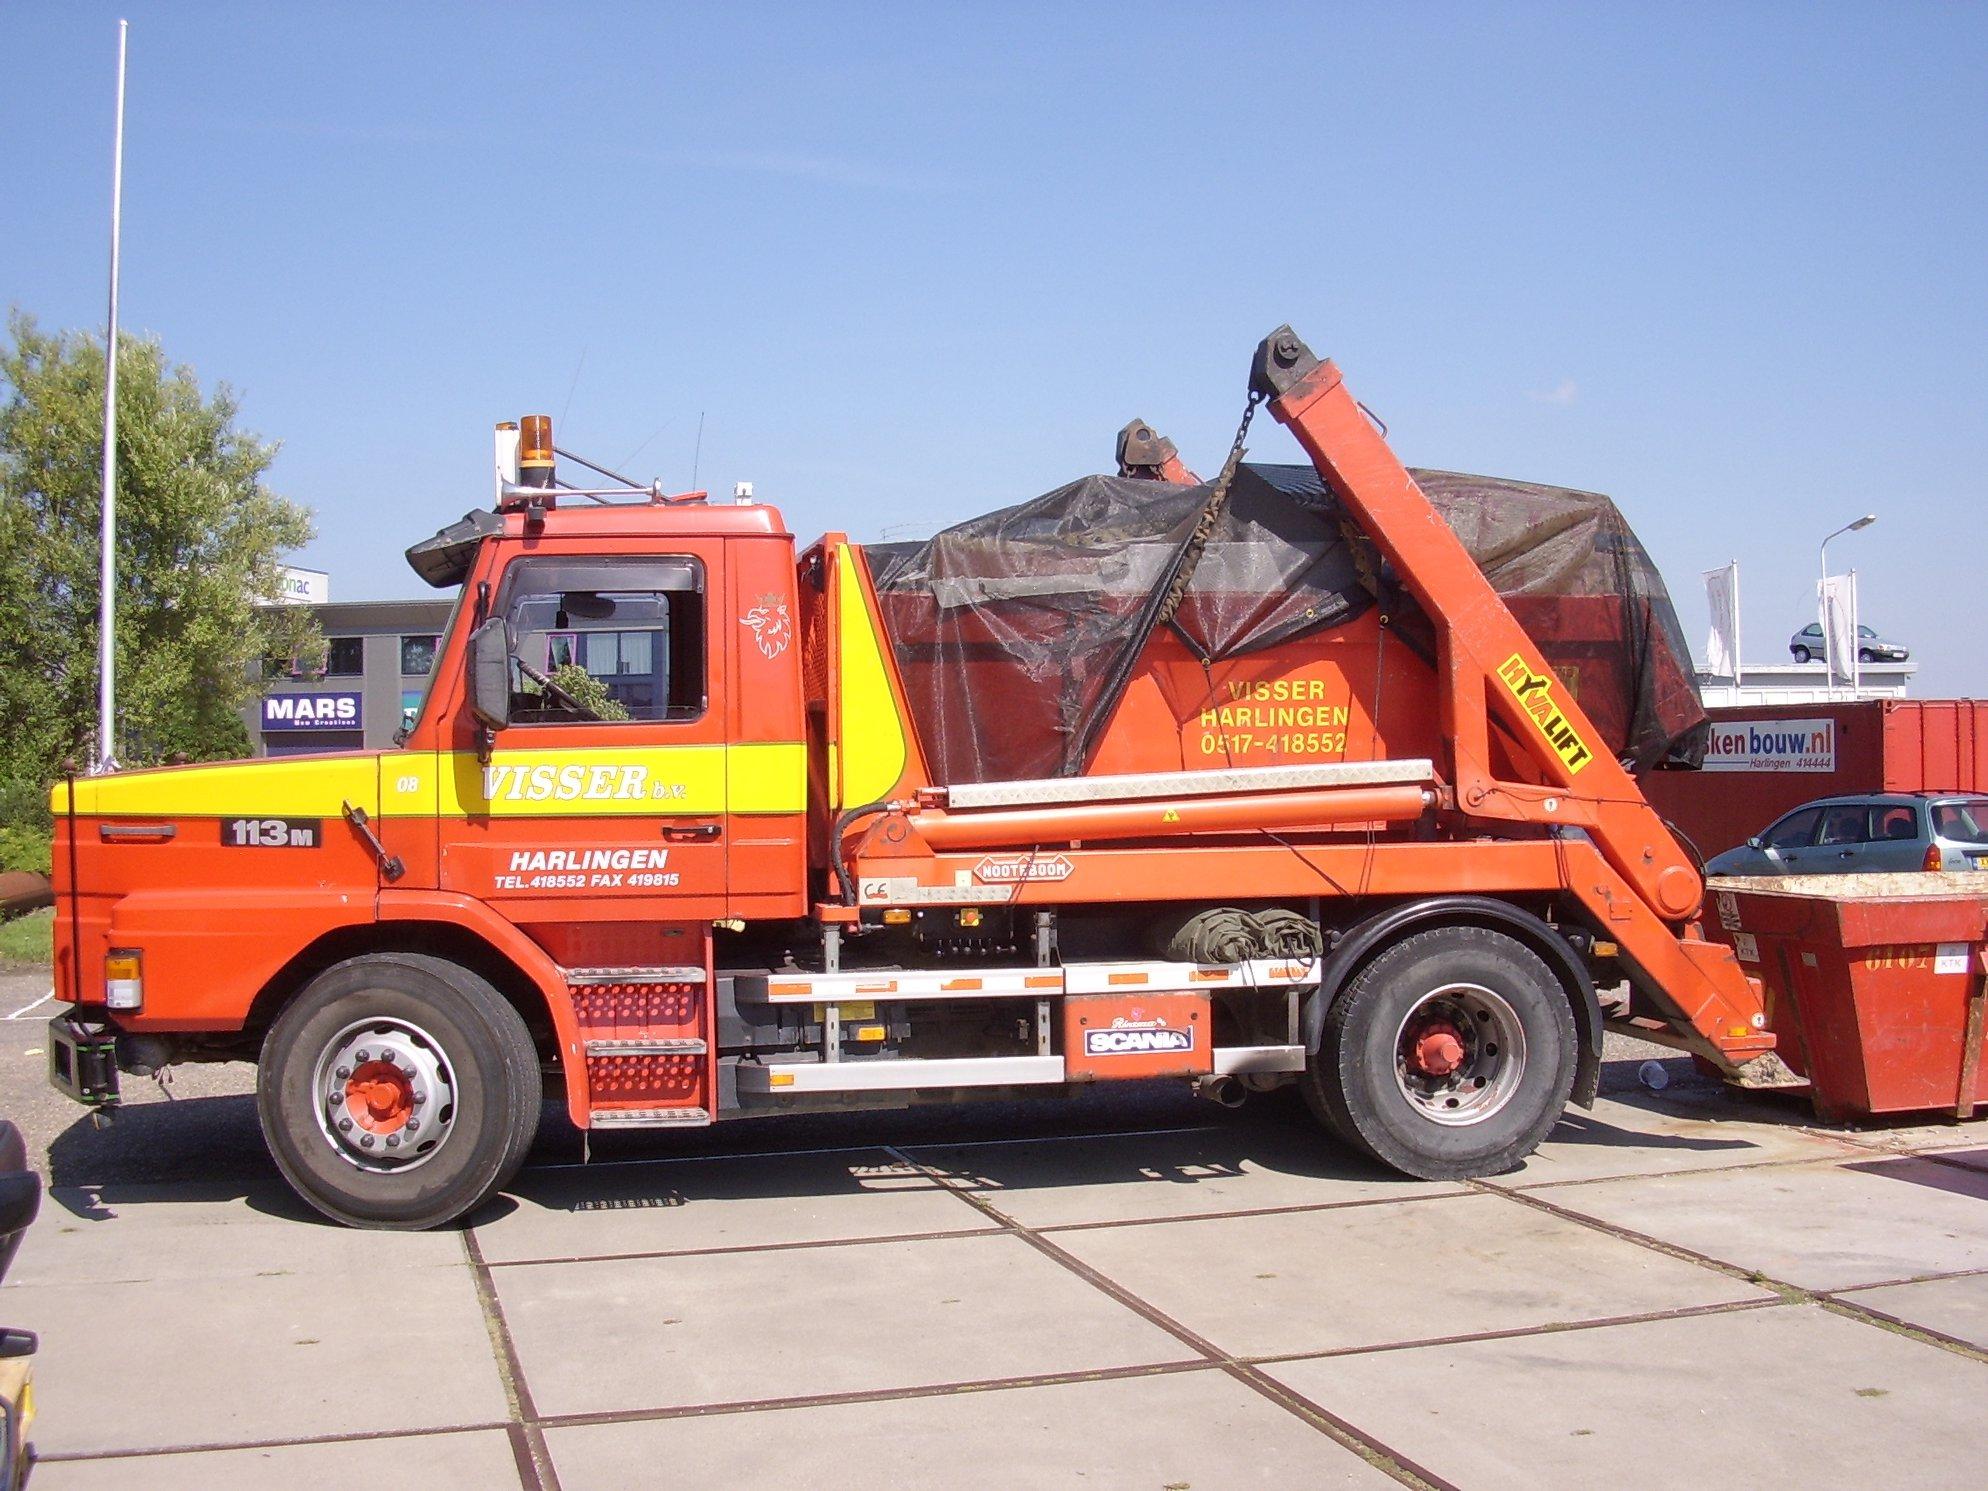 Scania-113-M-320-pk-torpedo-van-1994-met-een-Nooteboom-portaal-systeem-en-een-GS-aaanhangwagen-van-1984-van-Visser-afvalverwerking-3